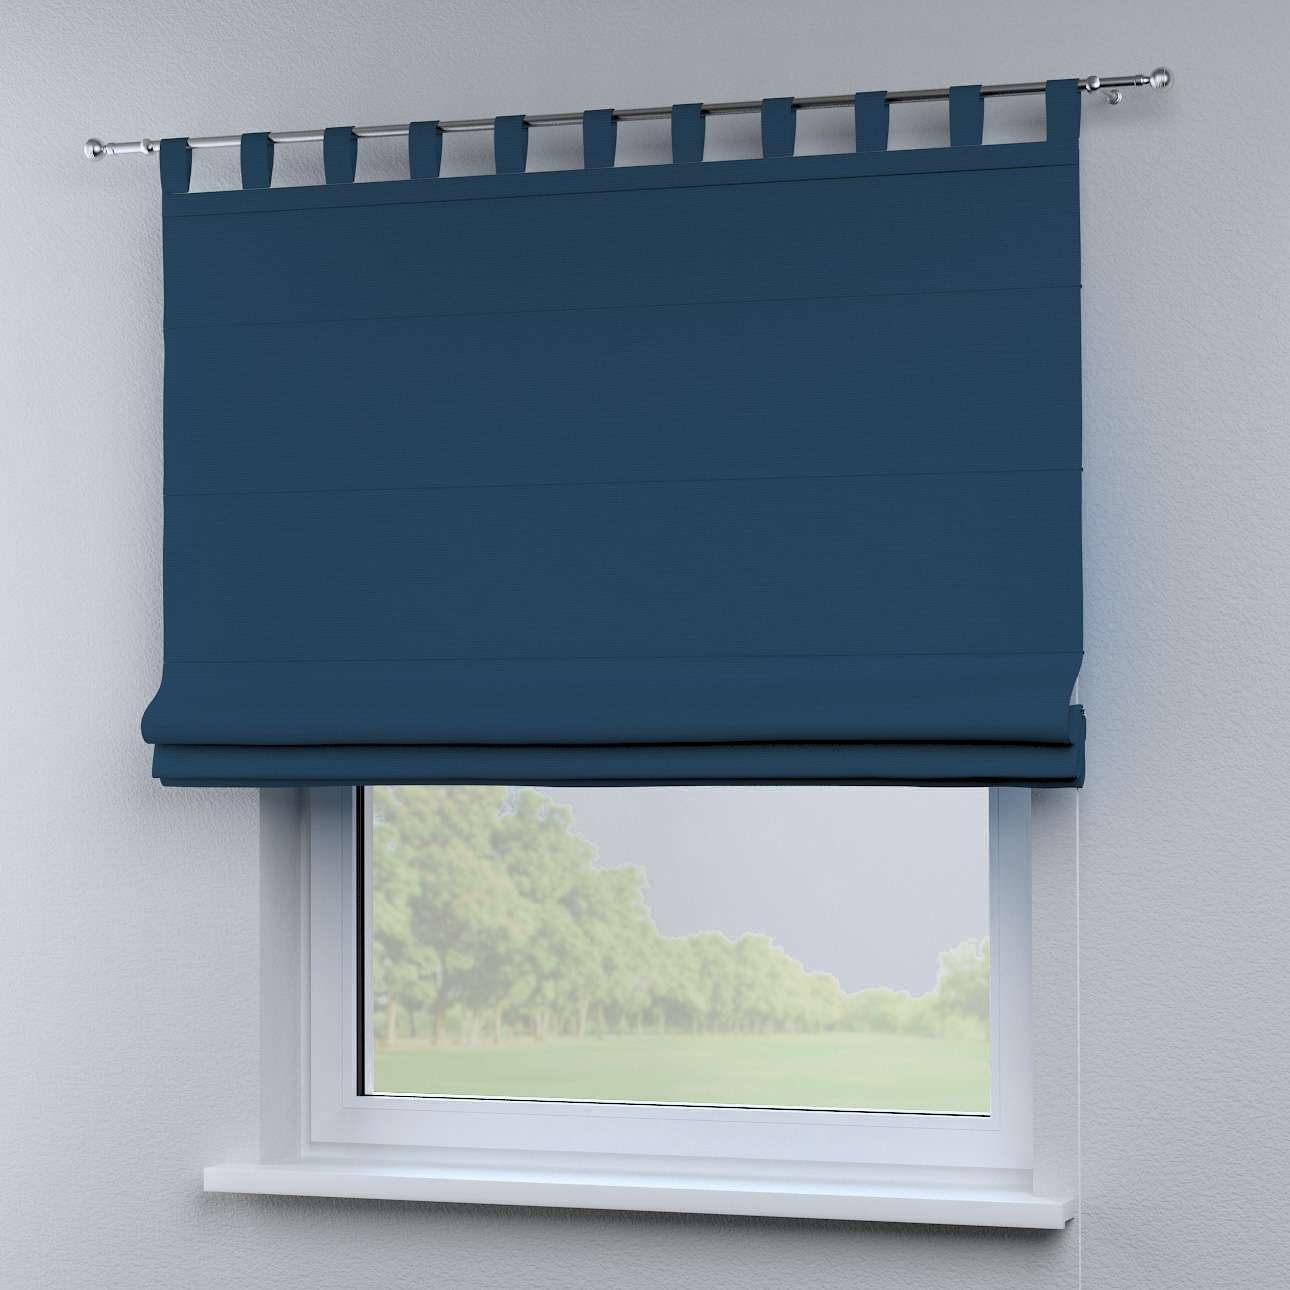 Foldegardin Verona<br/>Med stropper til gardinstang 80 x 170 cm fra kollektionen Cotton Panama, Stof: 702-30